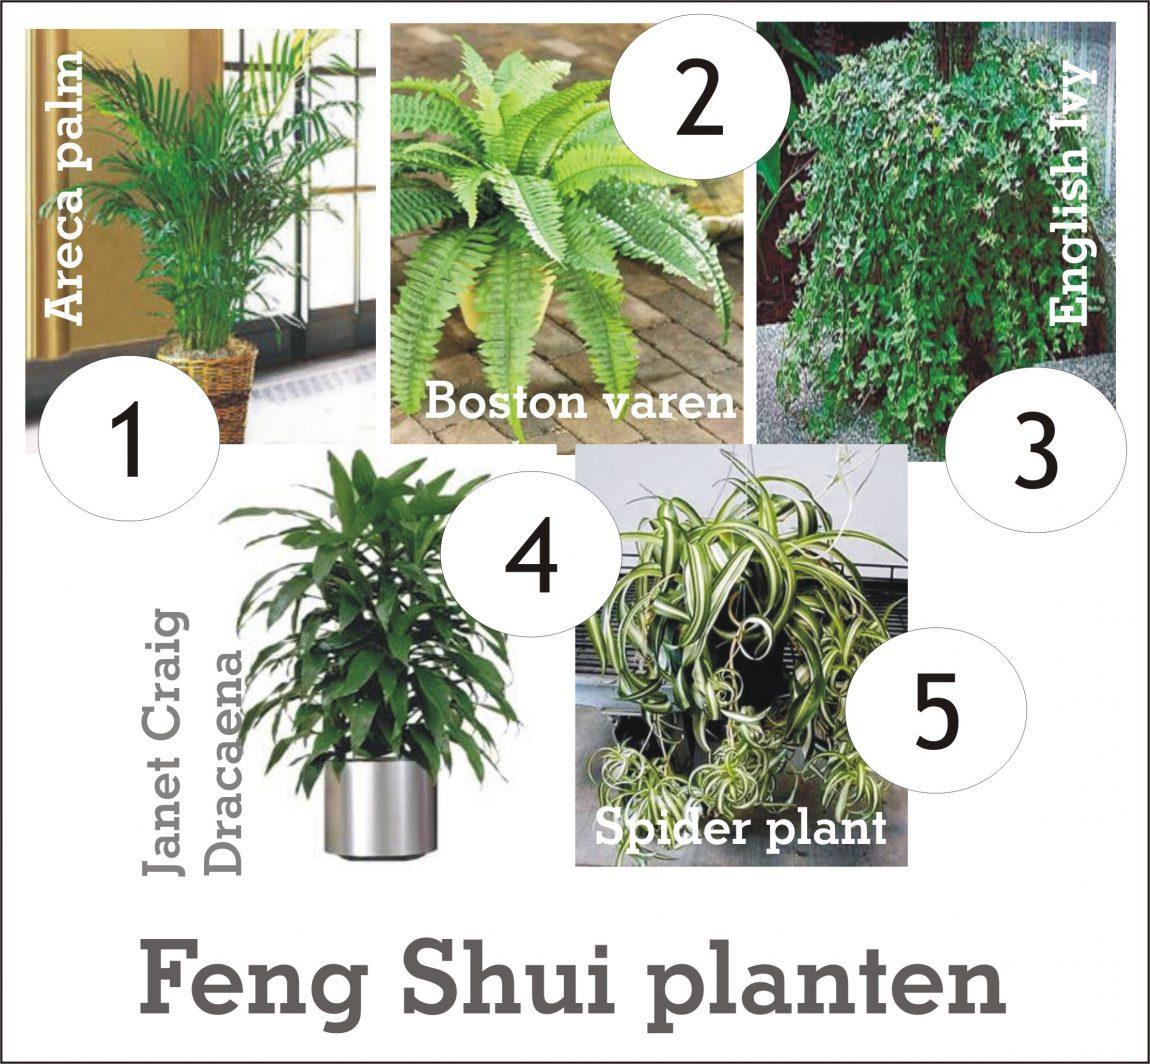 Feng Shui planten.